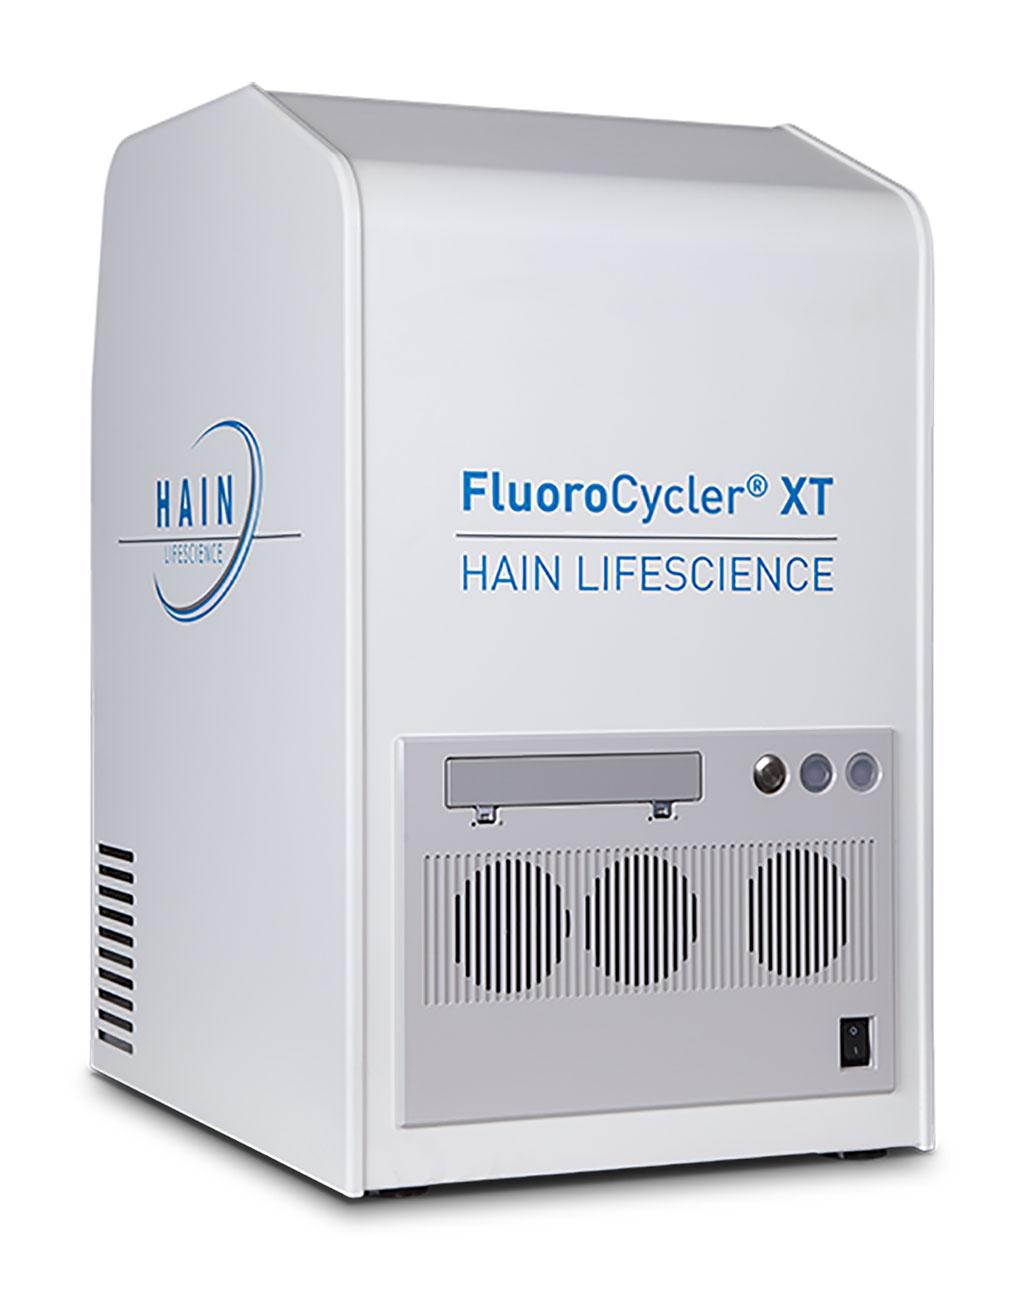 Image: FluoroCycler® XT (Photo courtesy of Bruker Corporation)